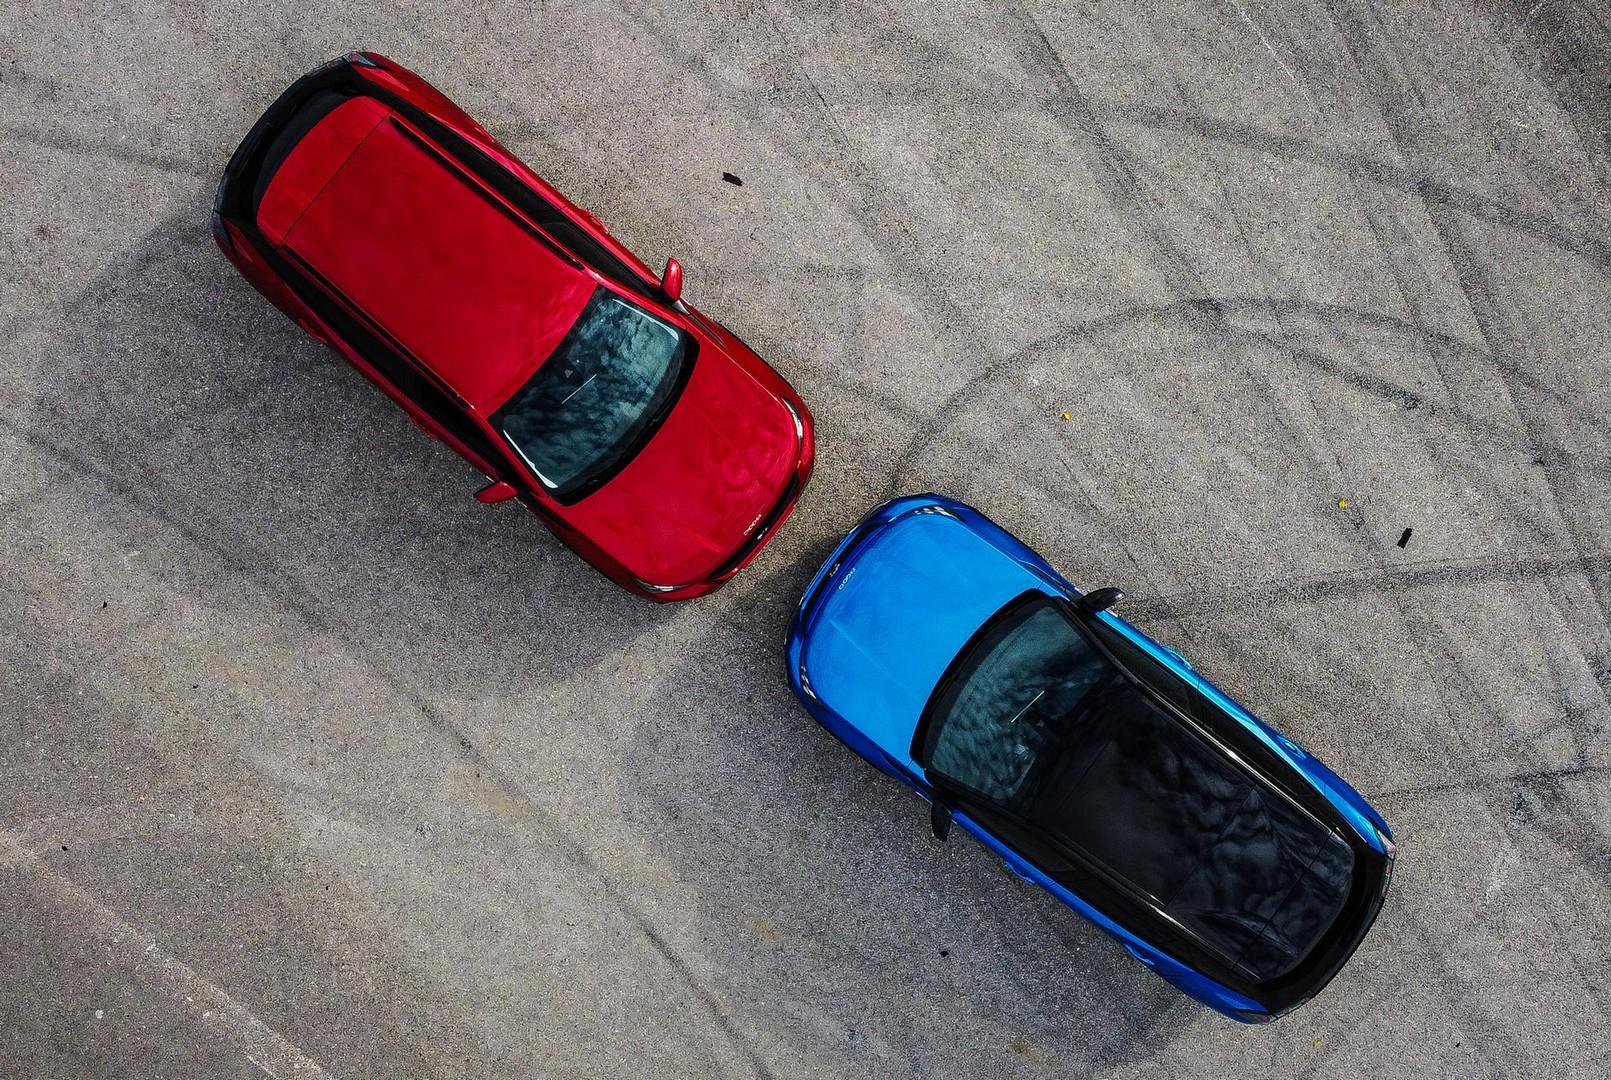 Peugeot 2008 1.5 BlueHDi 130 EAT8 - Peugeot e-2008